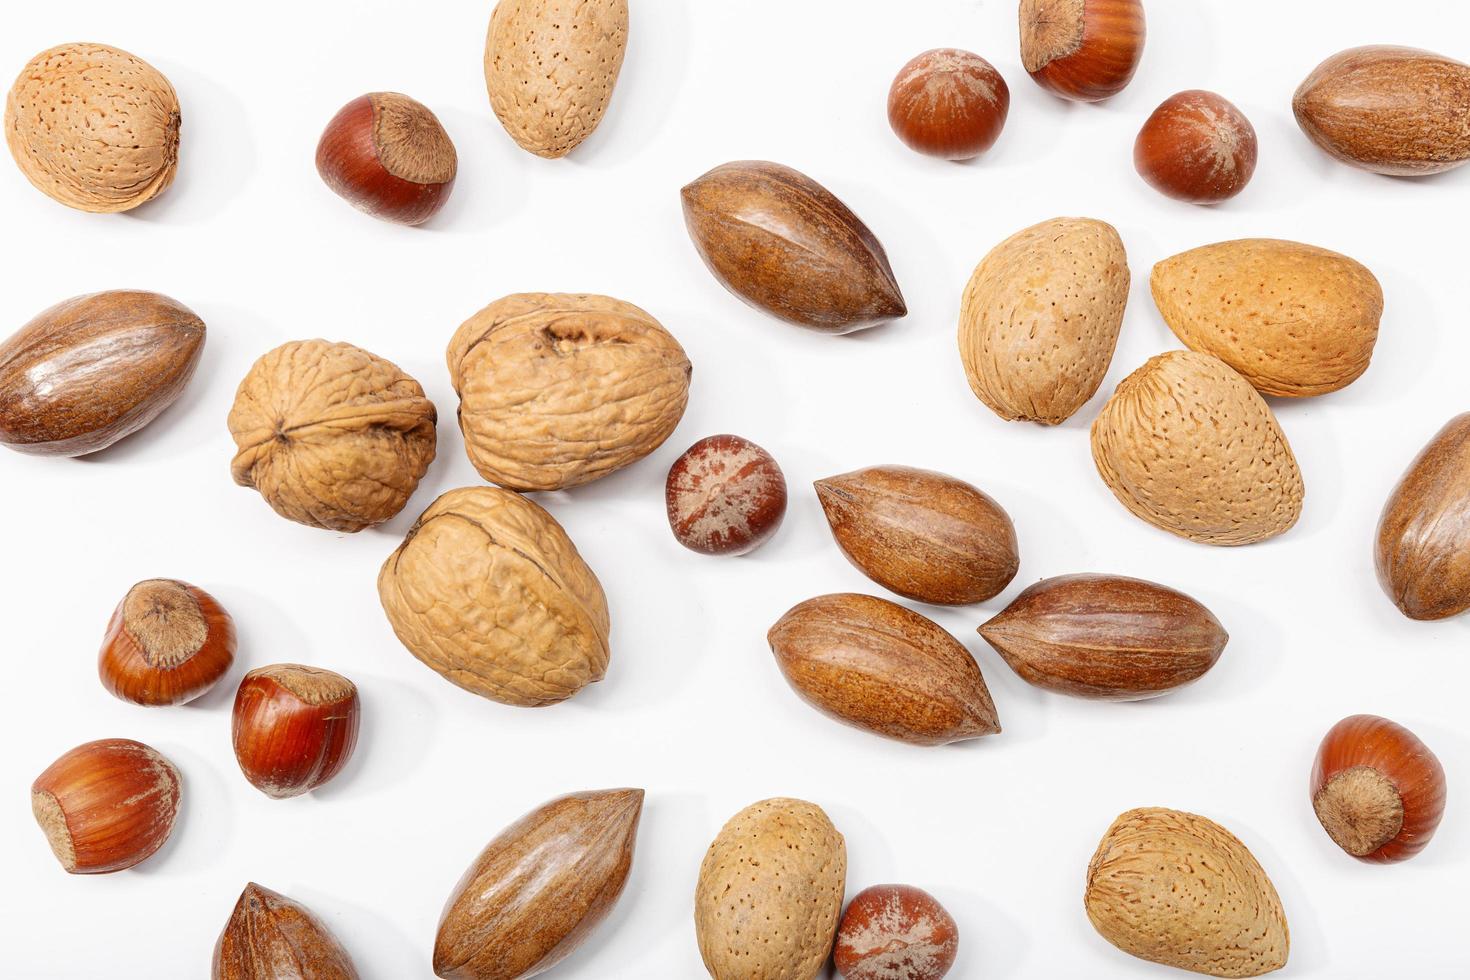 en mängd olika nötter på en vit bakgrund foto